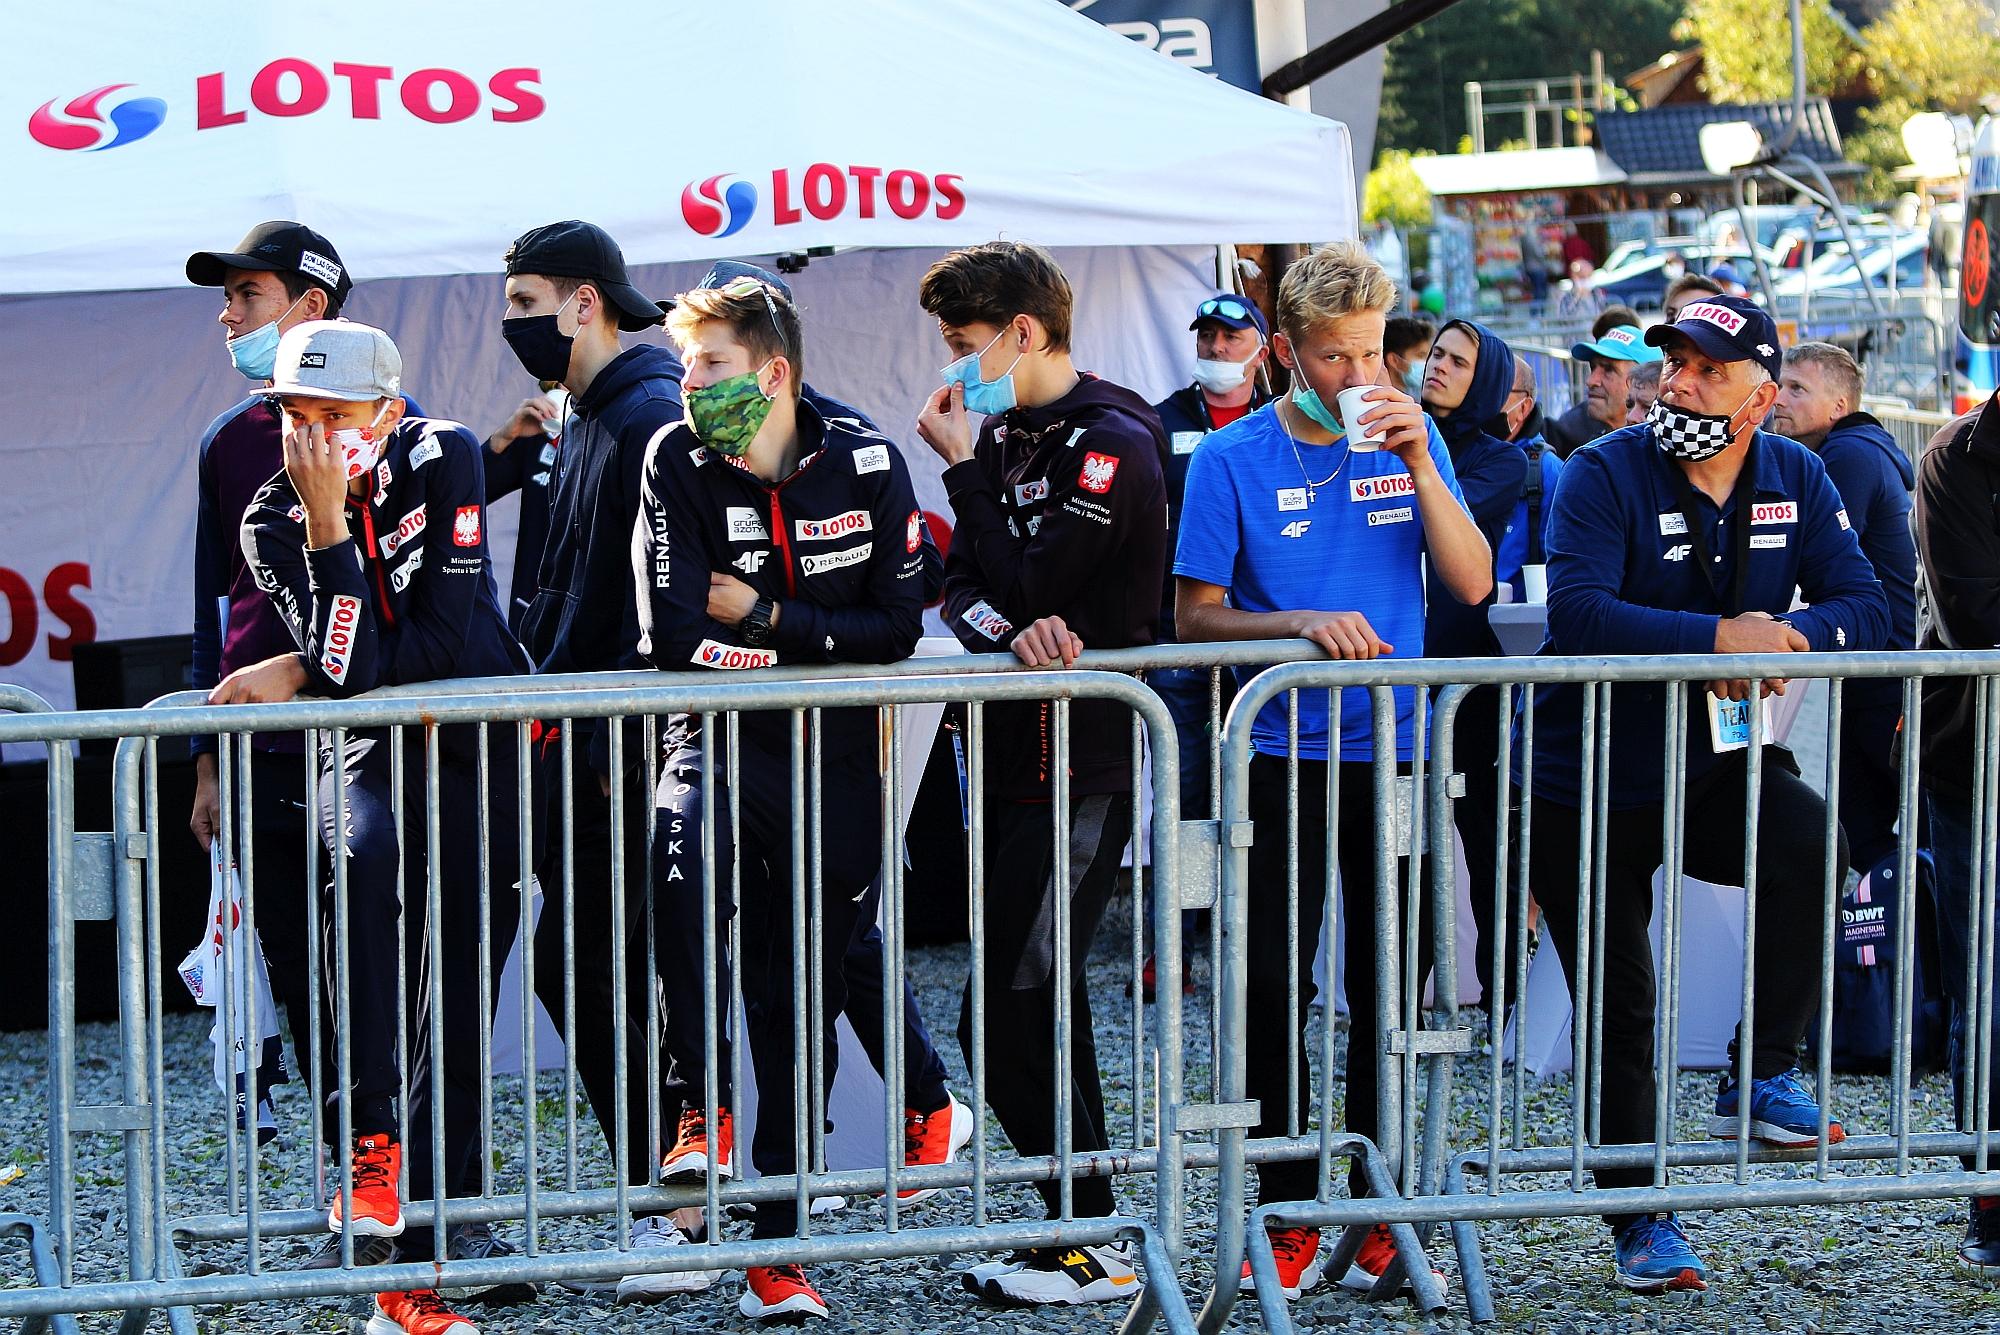 Polscy juniorzy mieli wystartować w FIS Cup w Rasnovie. Koronawirus krzyżuje plany!